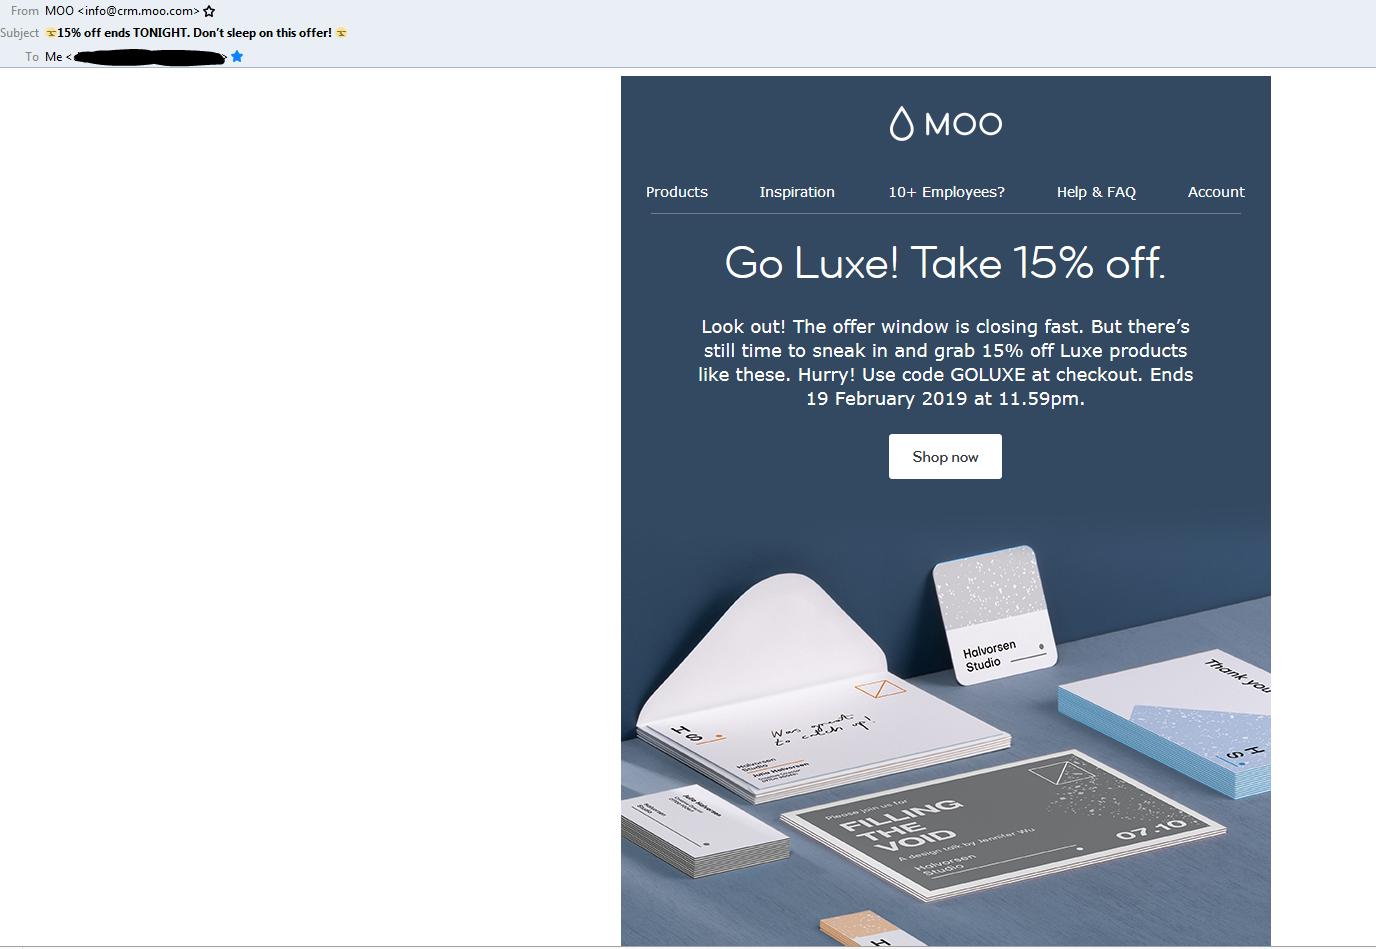 Moo email screenshot